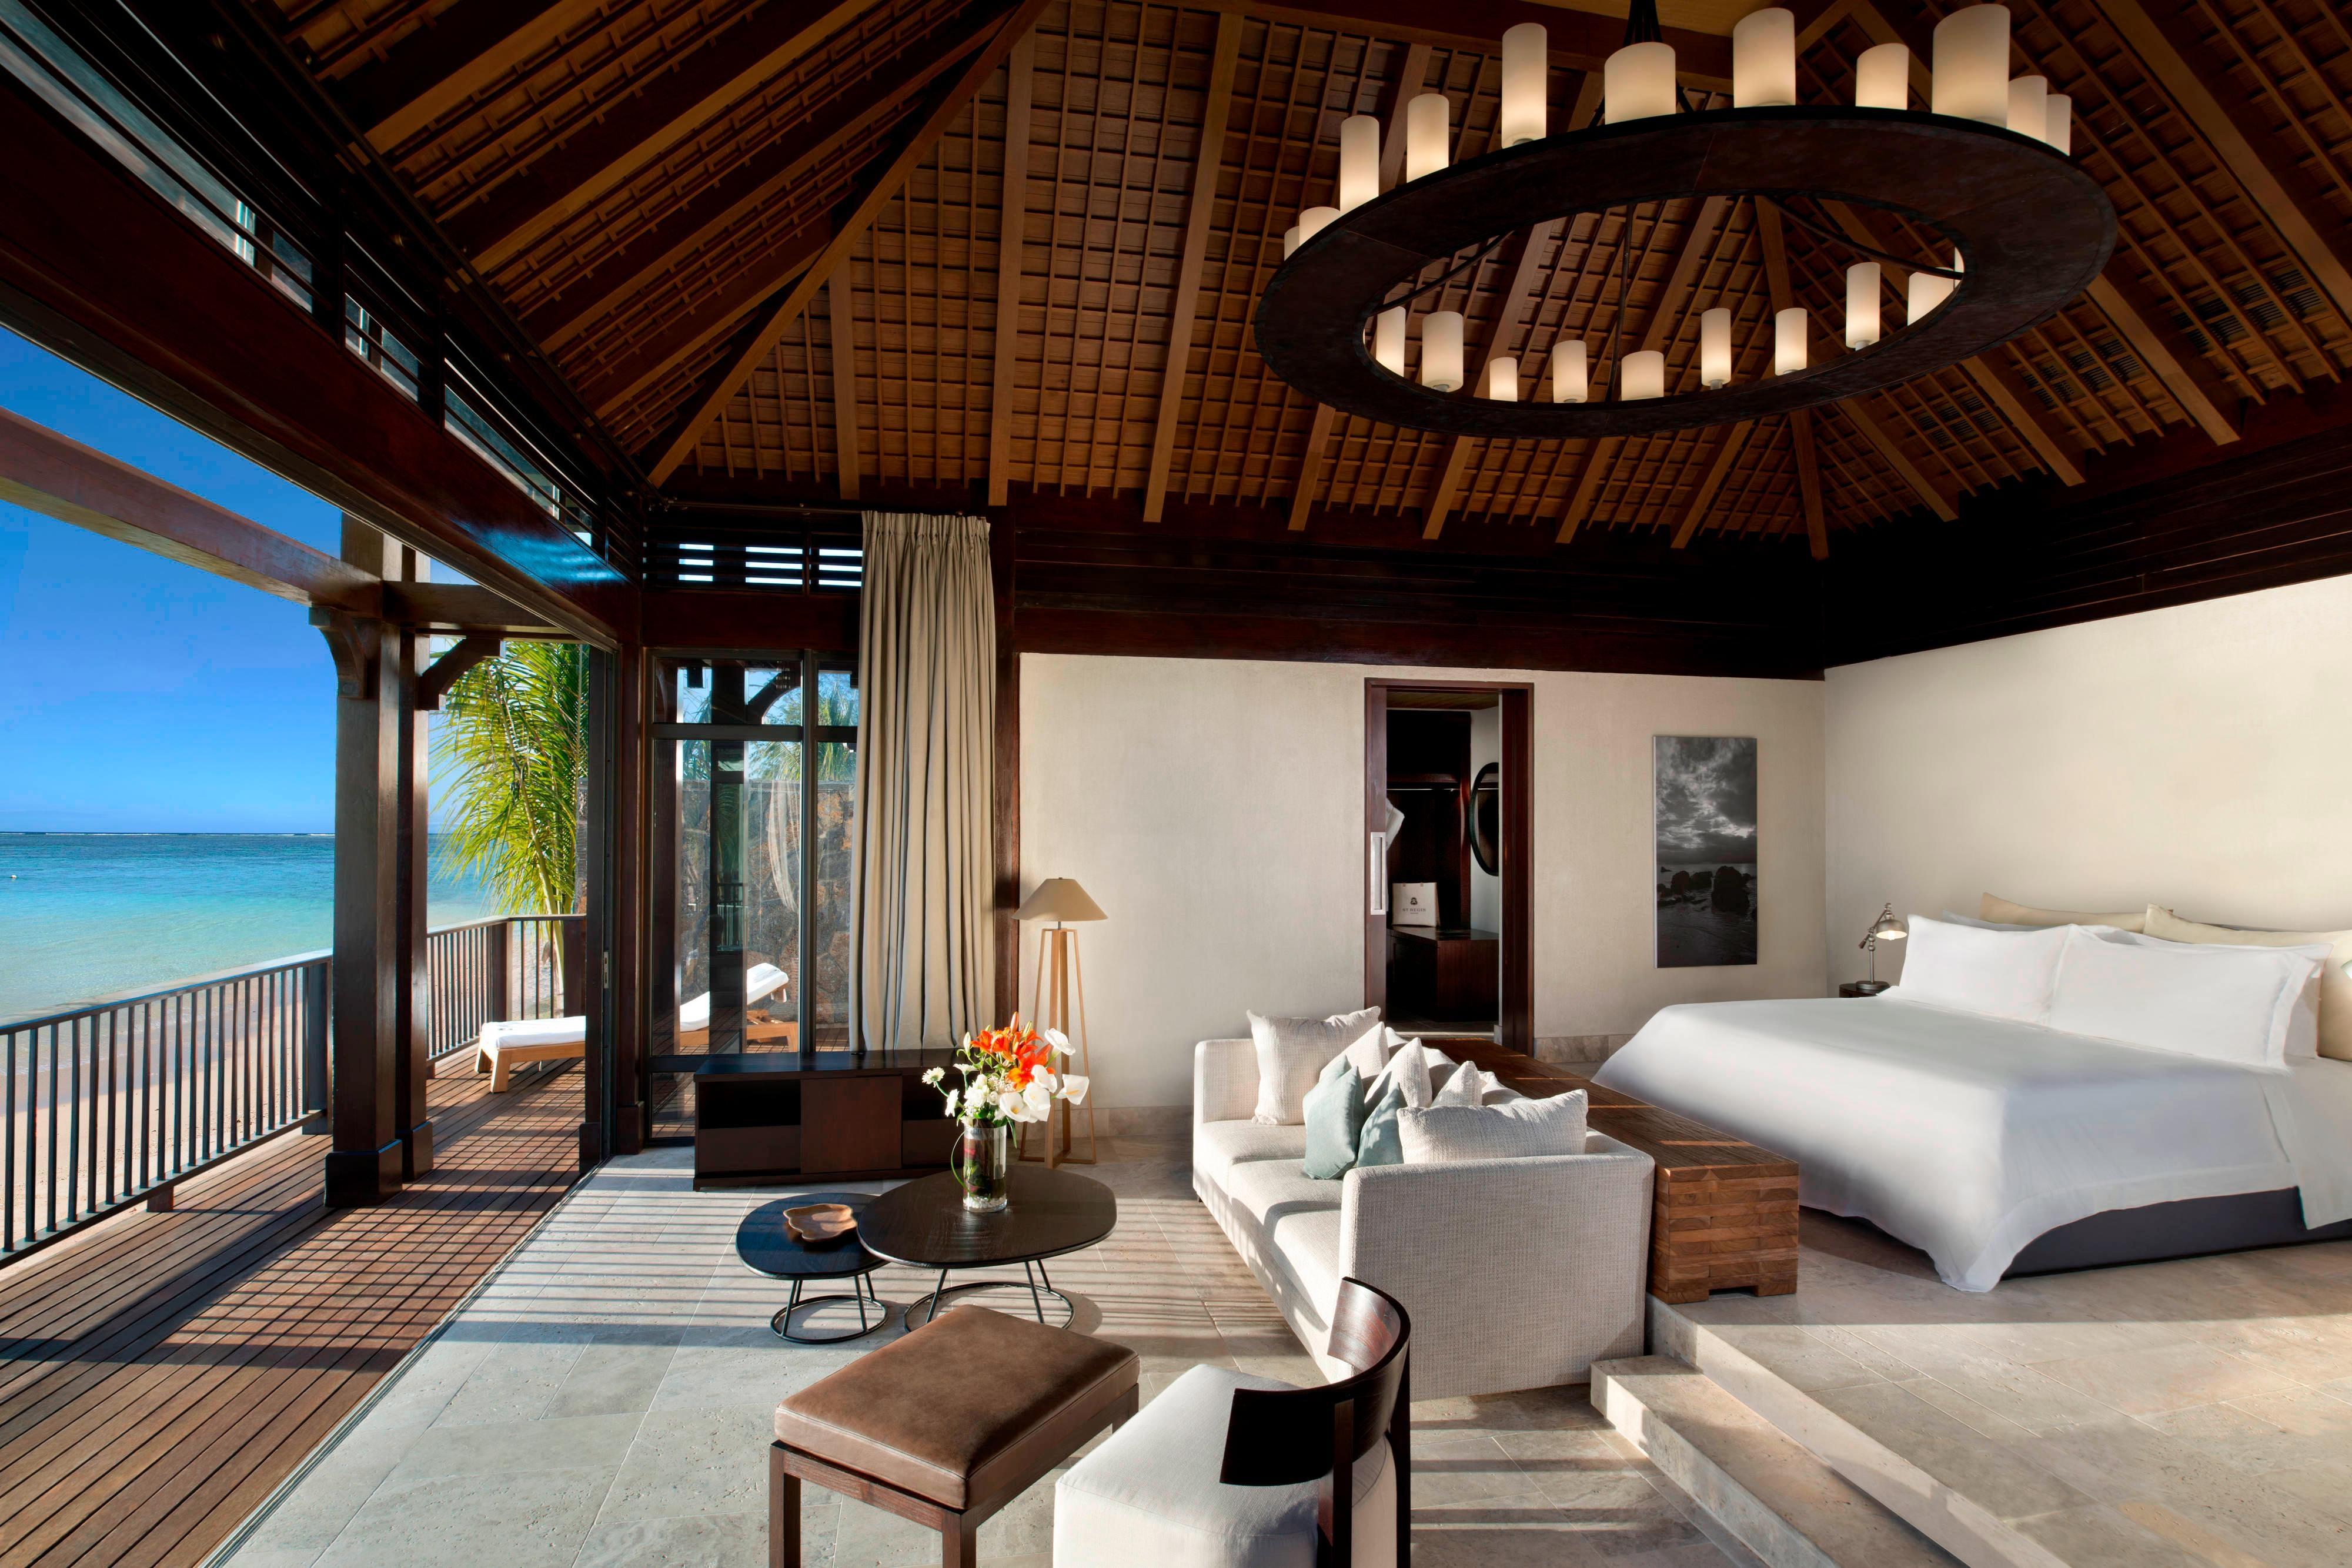 The St. Regis Villa Bedroom